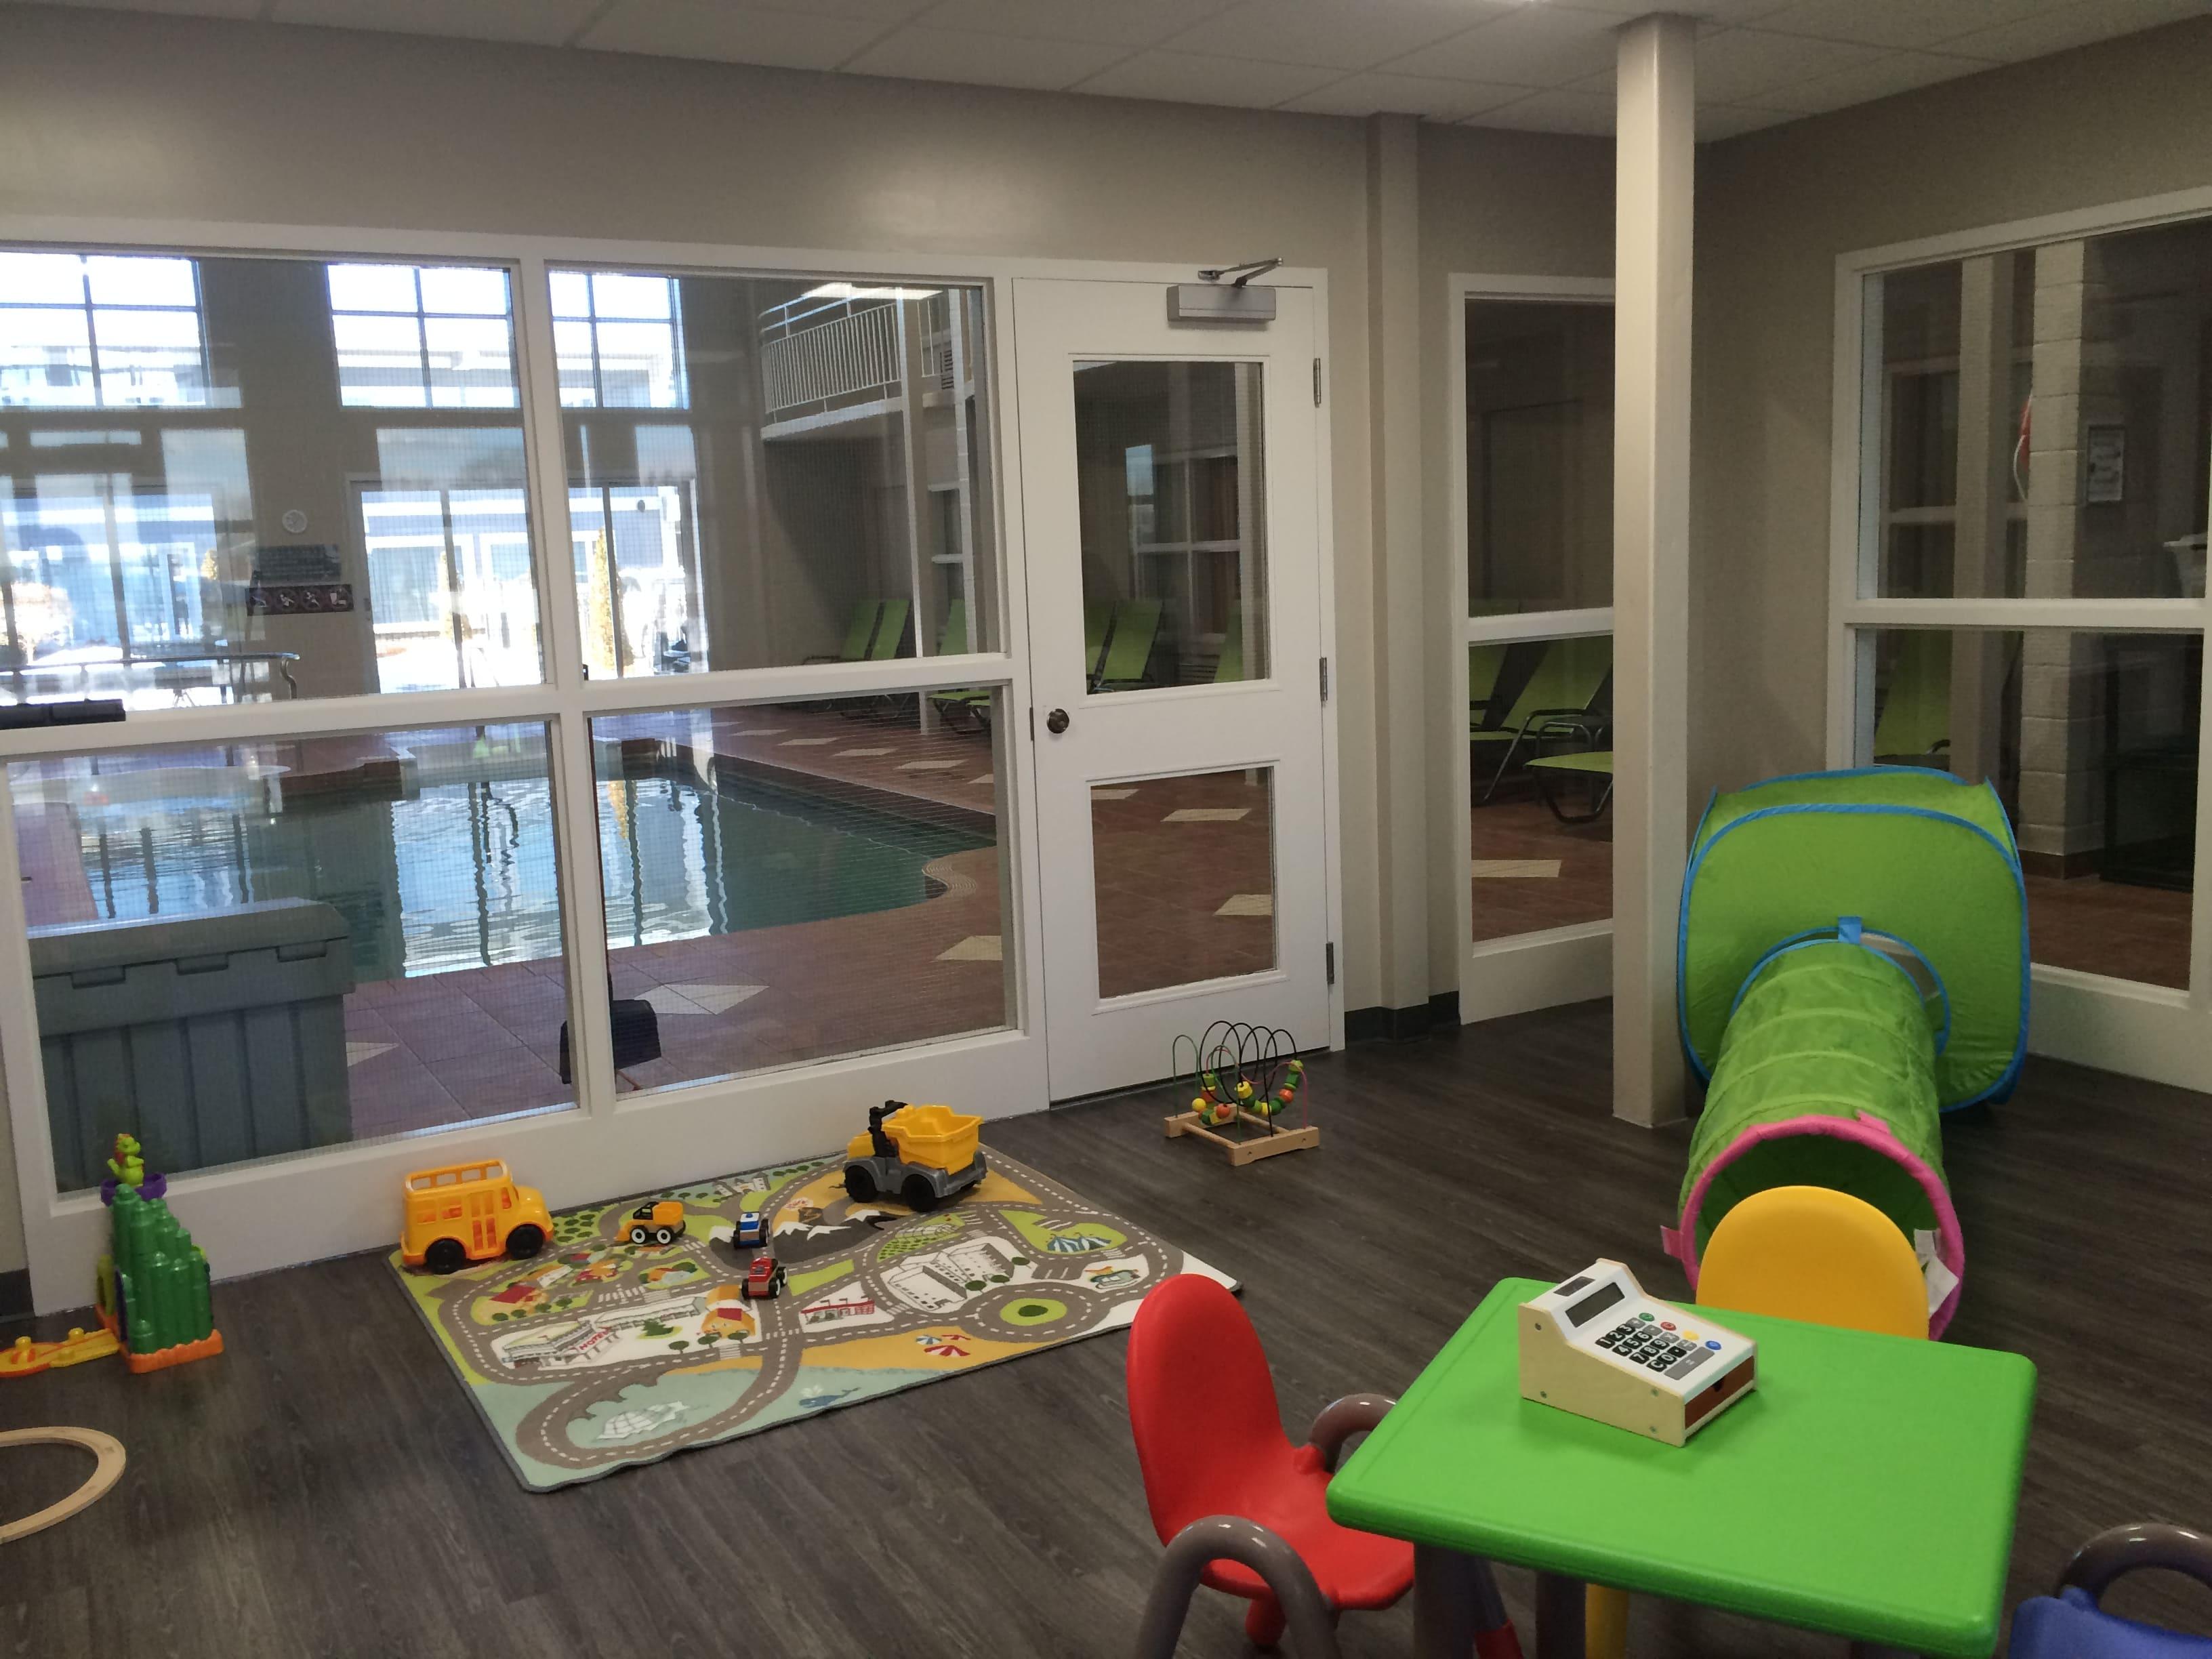 salle de jeux disponible h tel et suites le dauphin drummondville. Black Bedroom Furniture Sets. Home Design Ideas